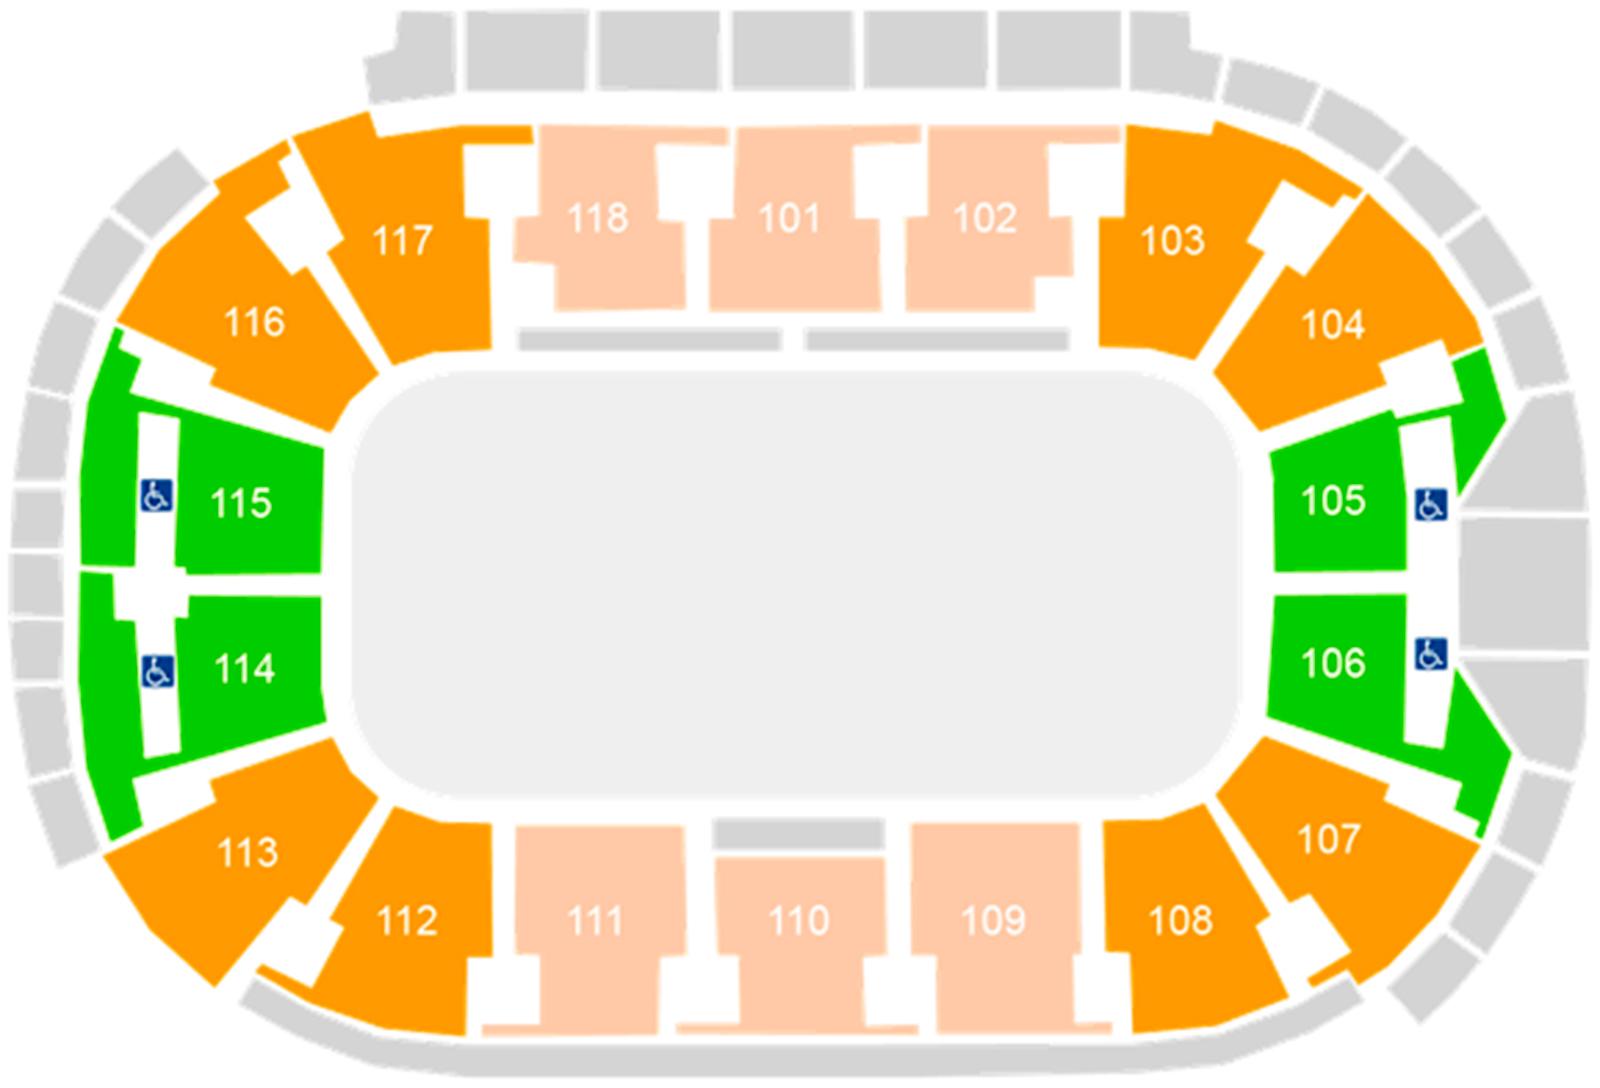 d156aaf74368b Fanoušci mohou na utkání zakoupit maximálně 6 vstupenek • Předprodej pro  členy hokejka.cz od čtvrtka 21. 2. 2019 od 10 hodin • Volný prodej od pátku  22.